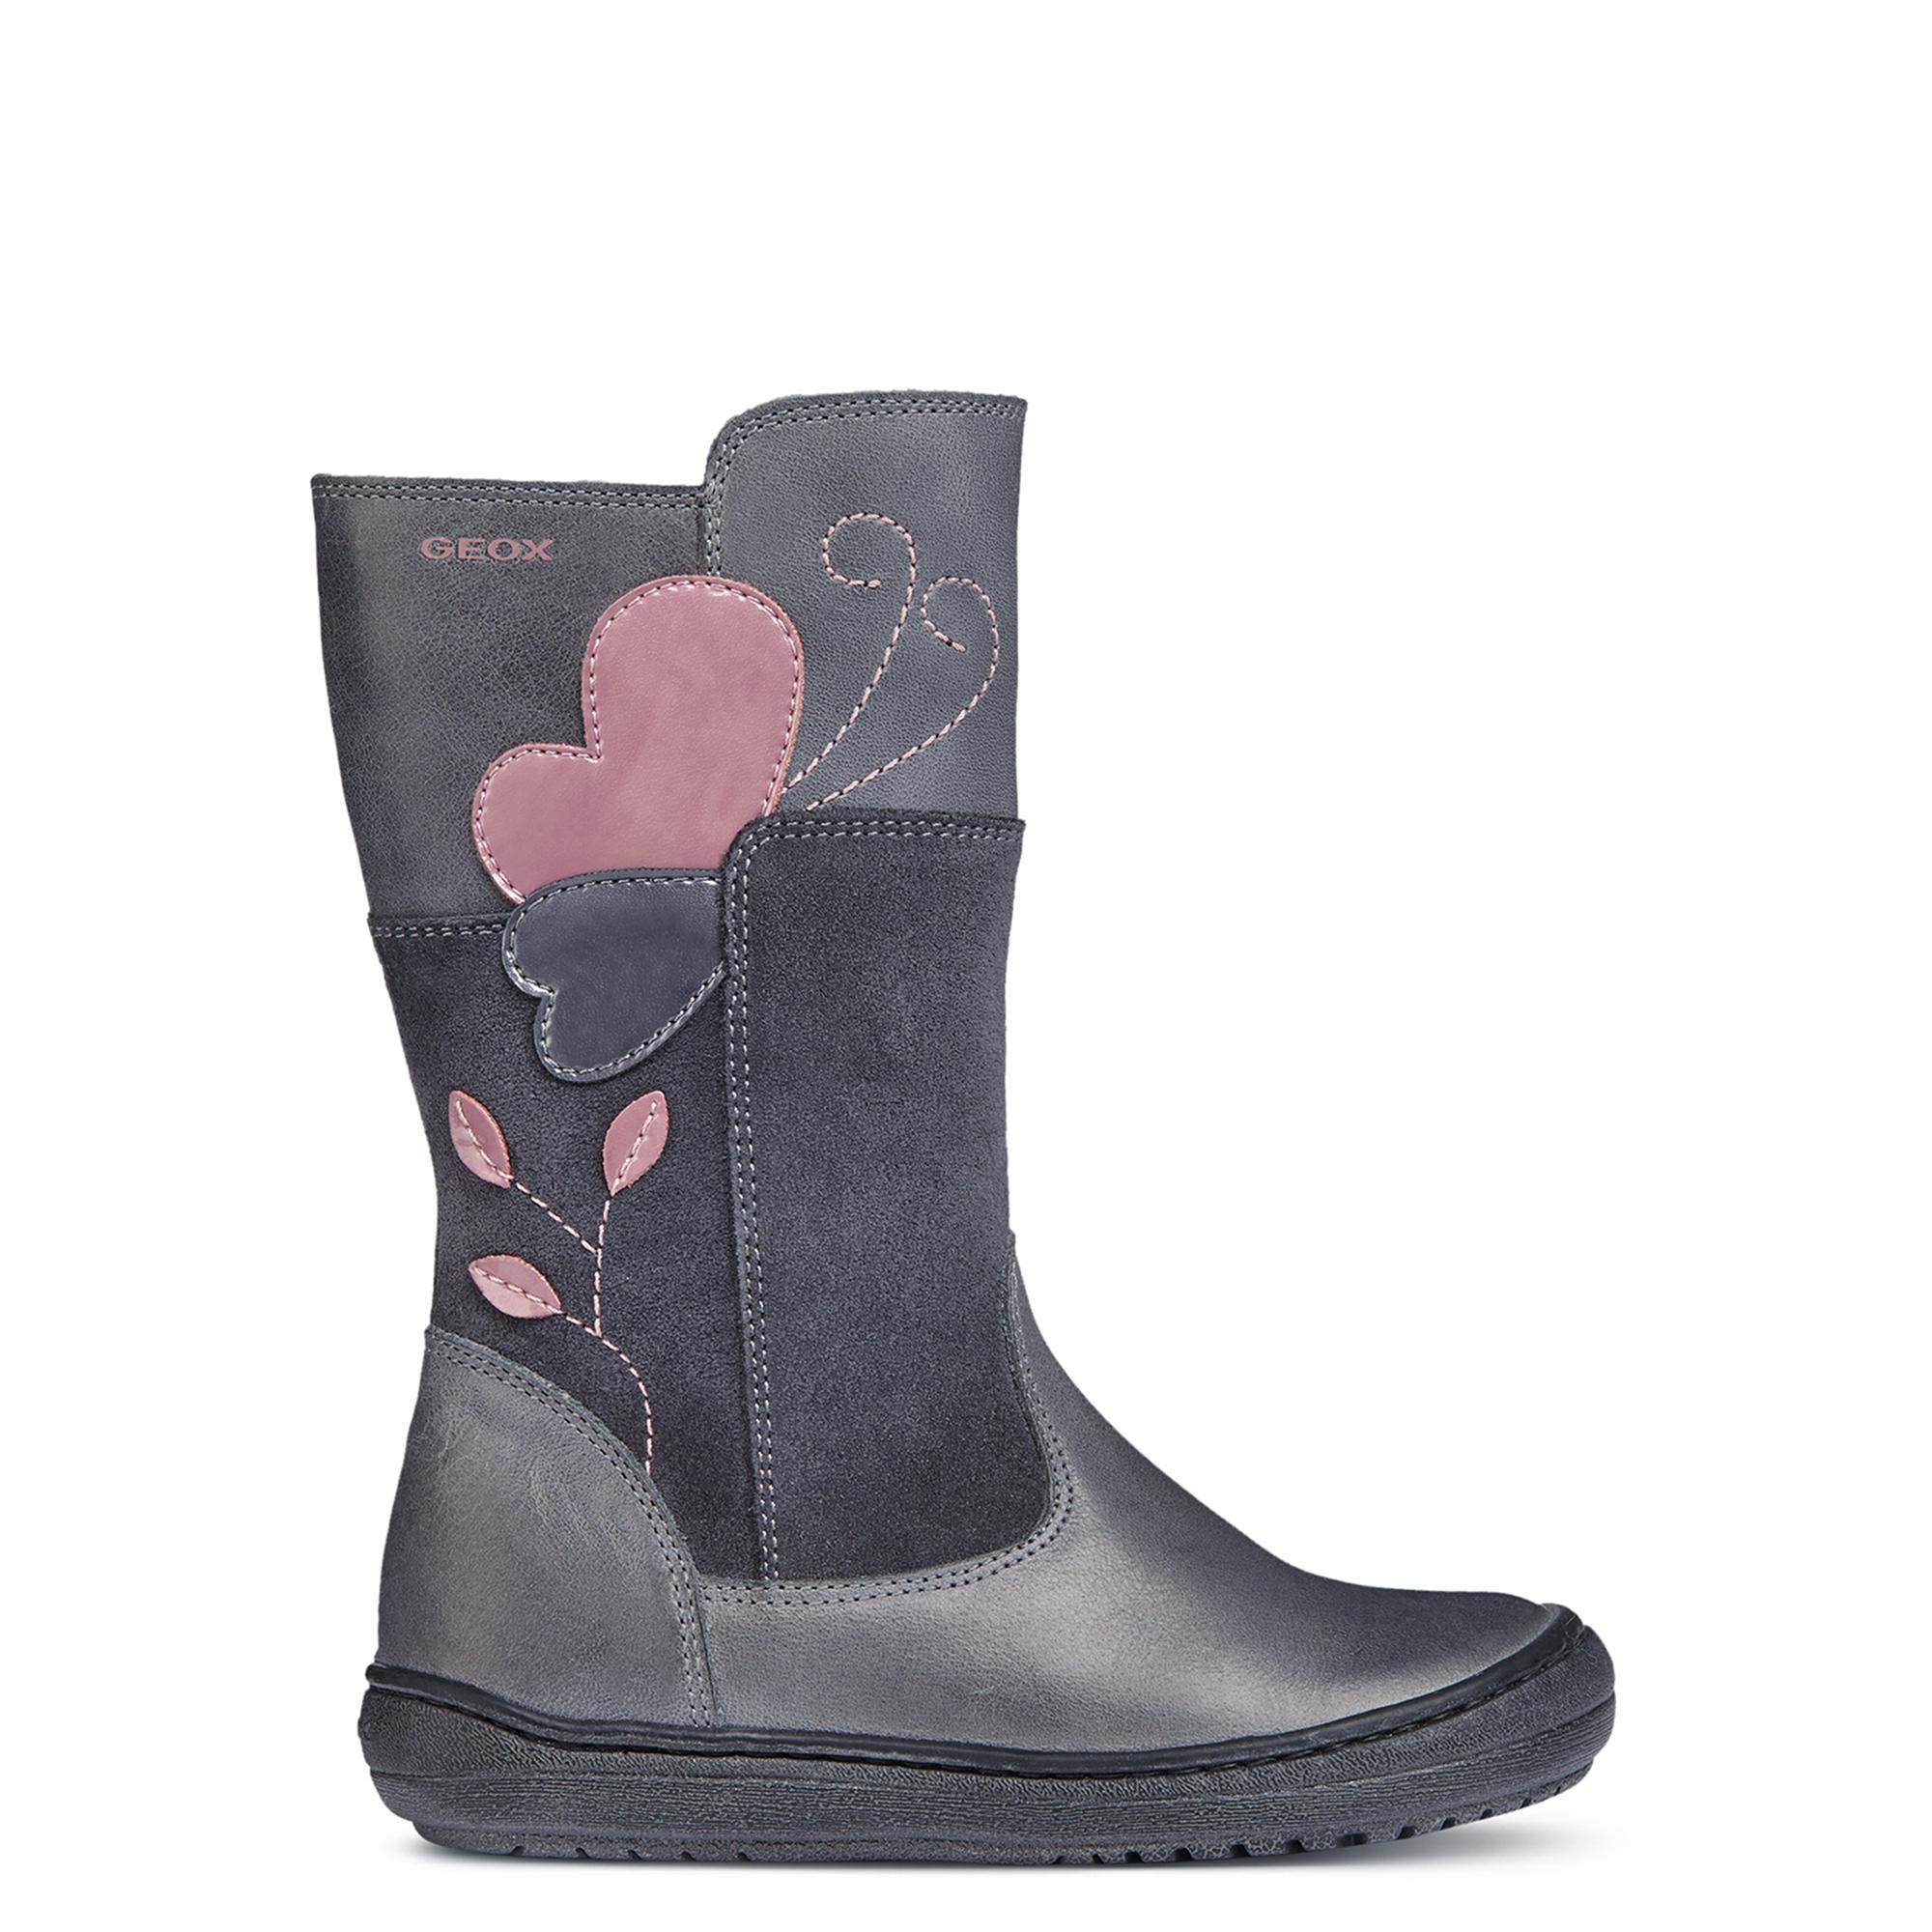 7168194cb1 GEOX szürke-rózsaszín, szívecskés, polárbélelt csizma - Cipők - Trendi  Kölyök Gyerekcipő webáruház - Szekszárd